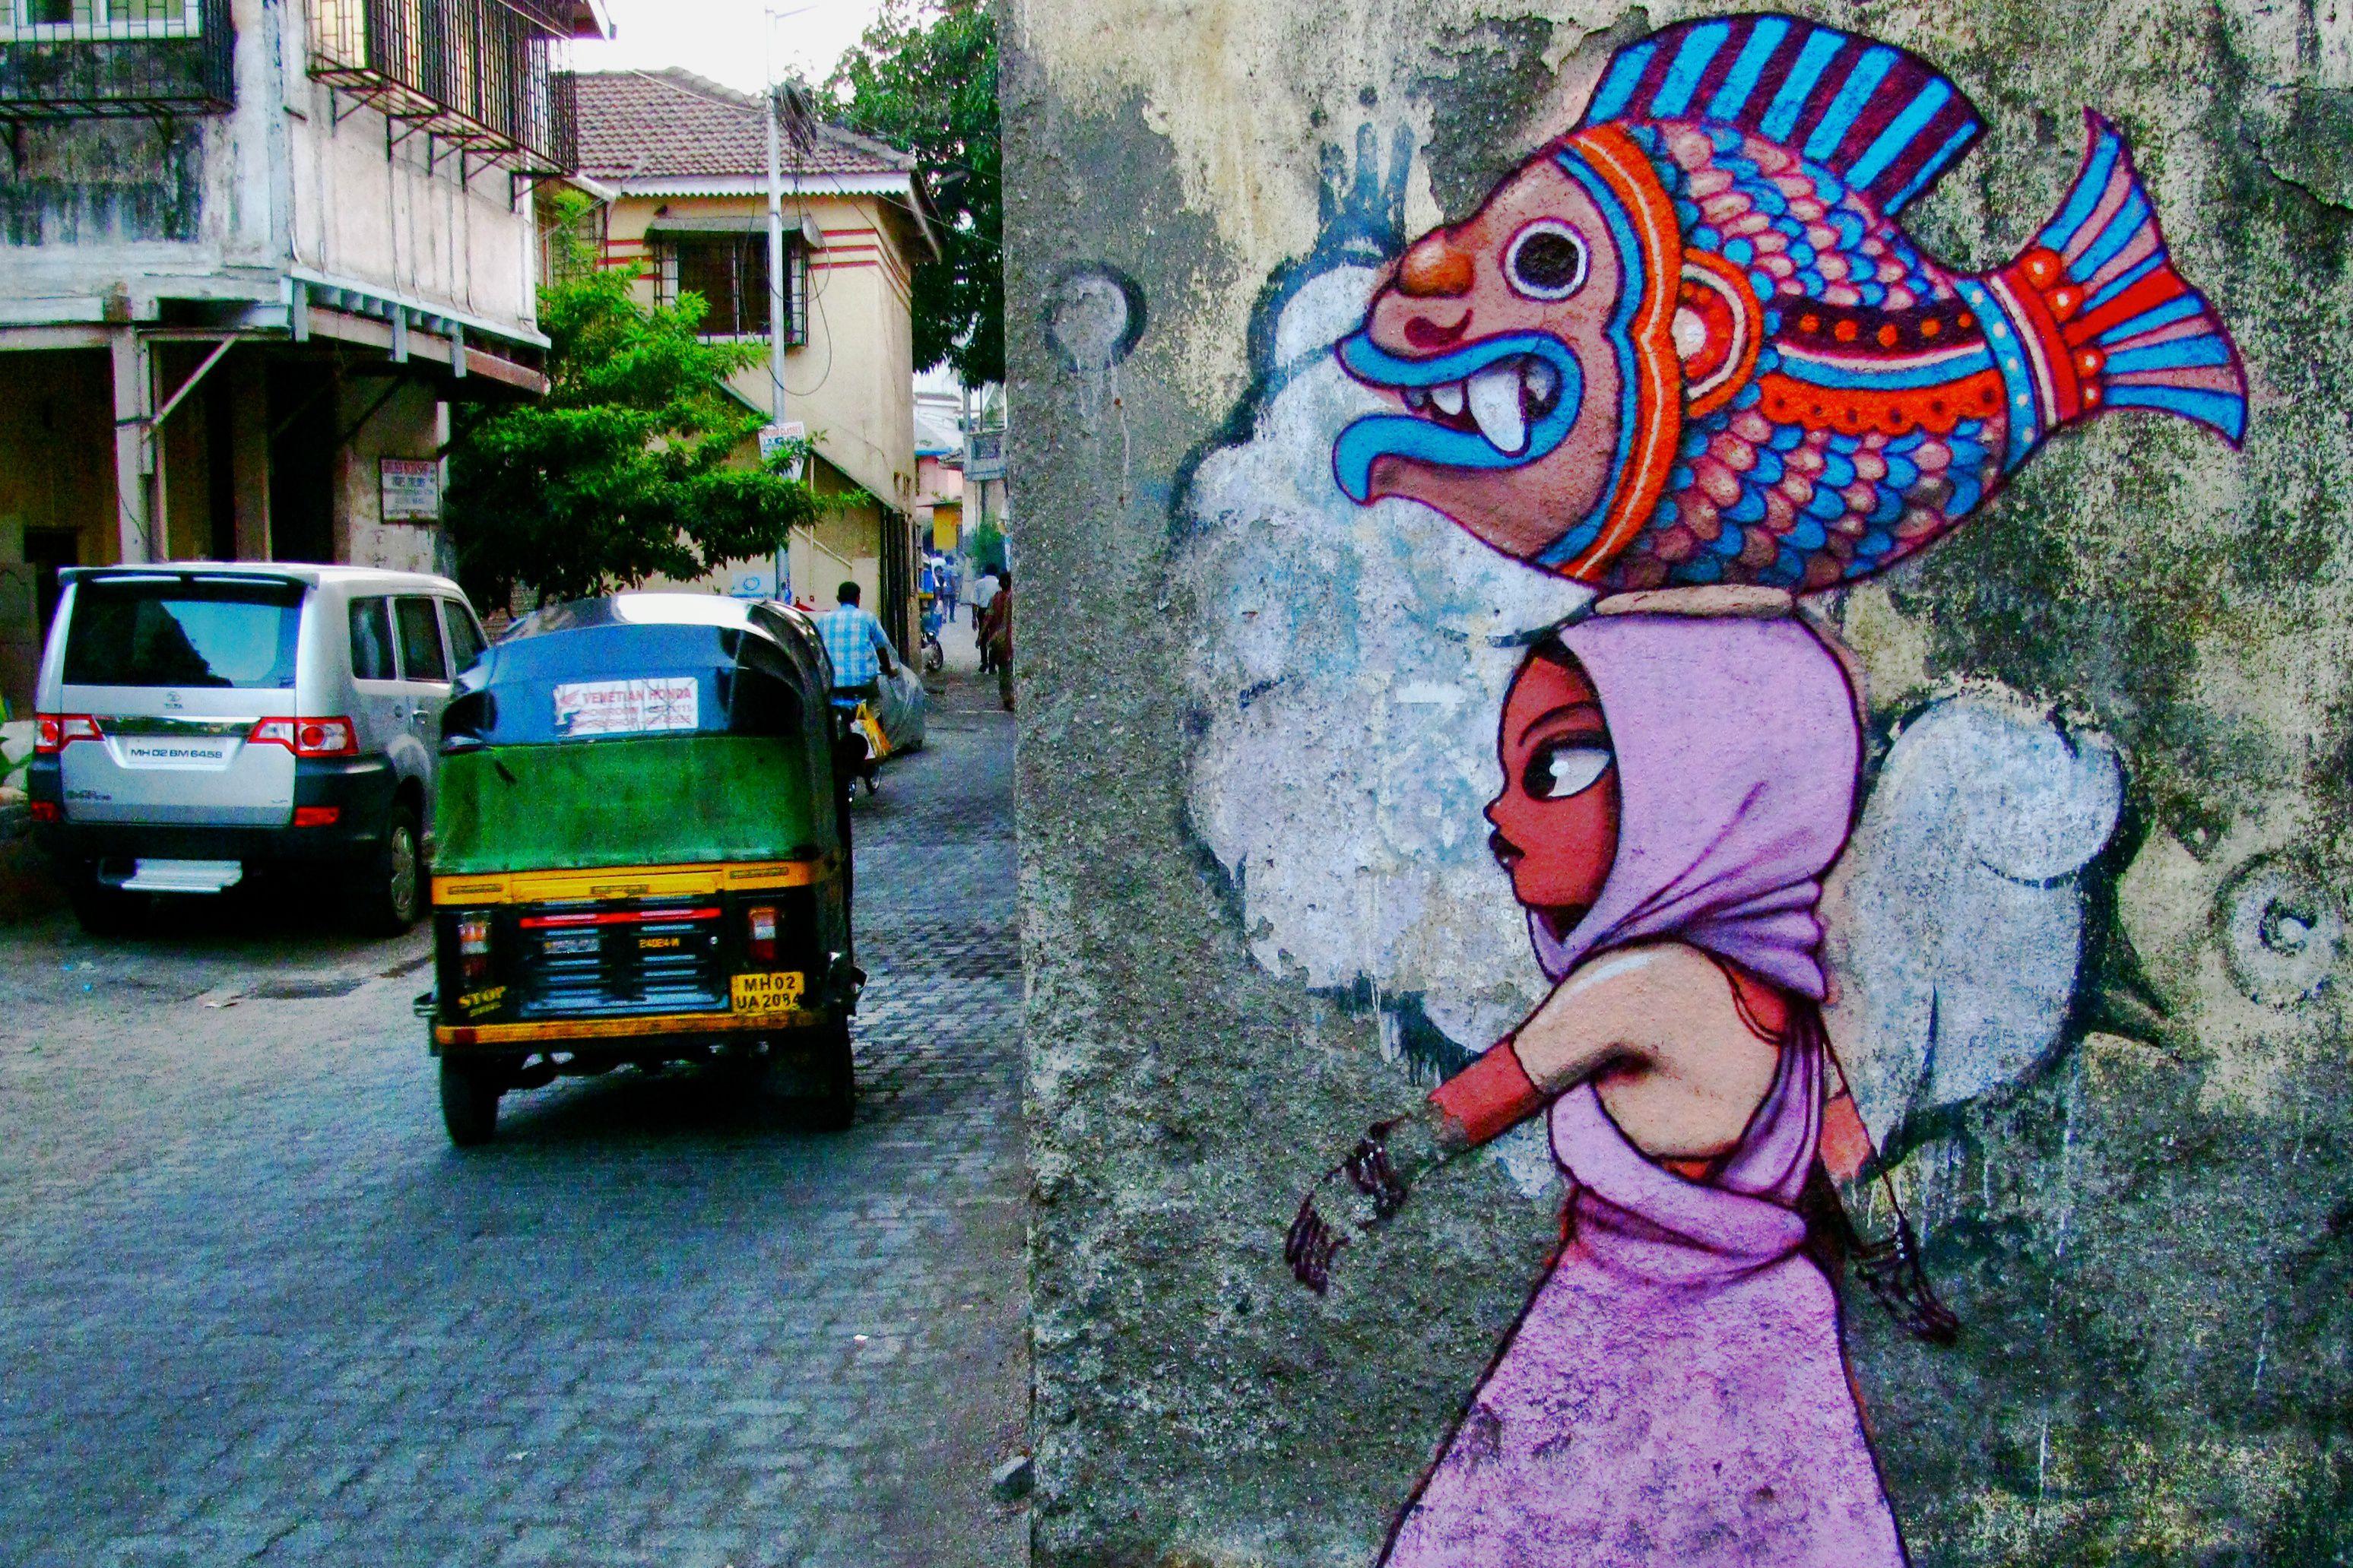 Street art in Bandra West.